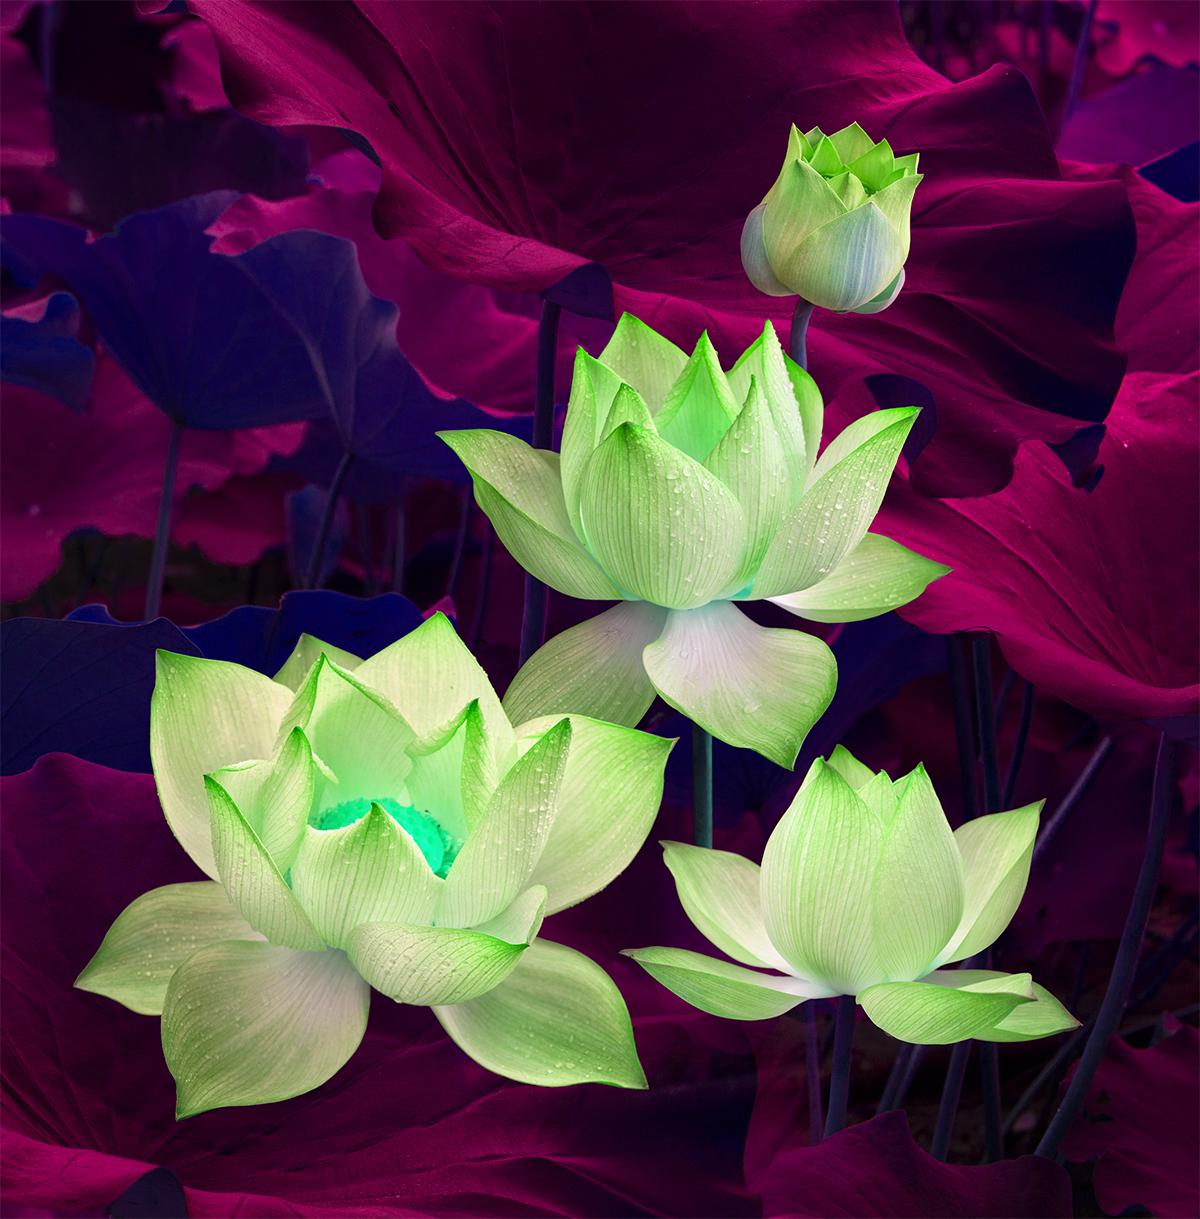 Hình ảnh hoa sen xanh lá nhạt